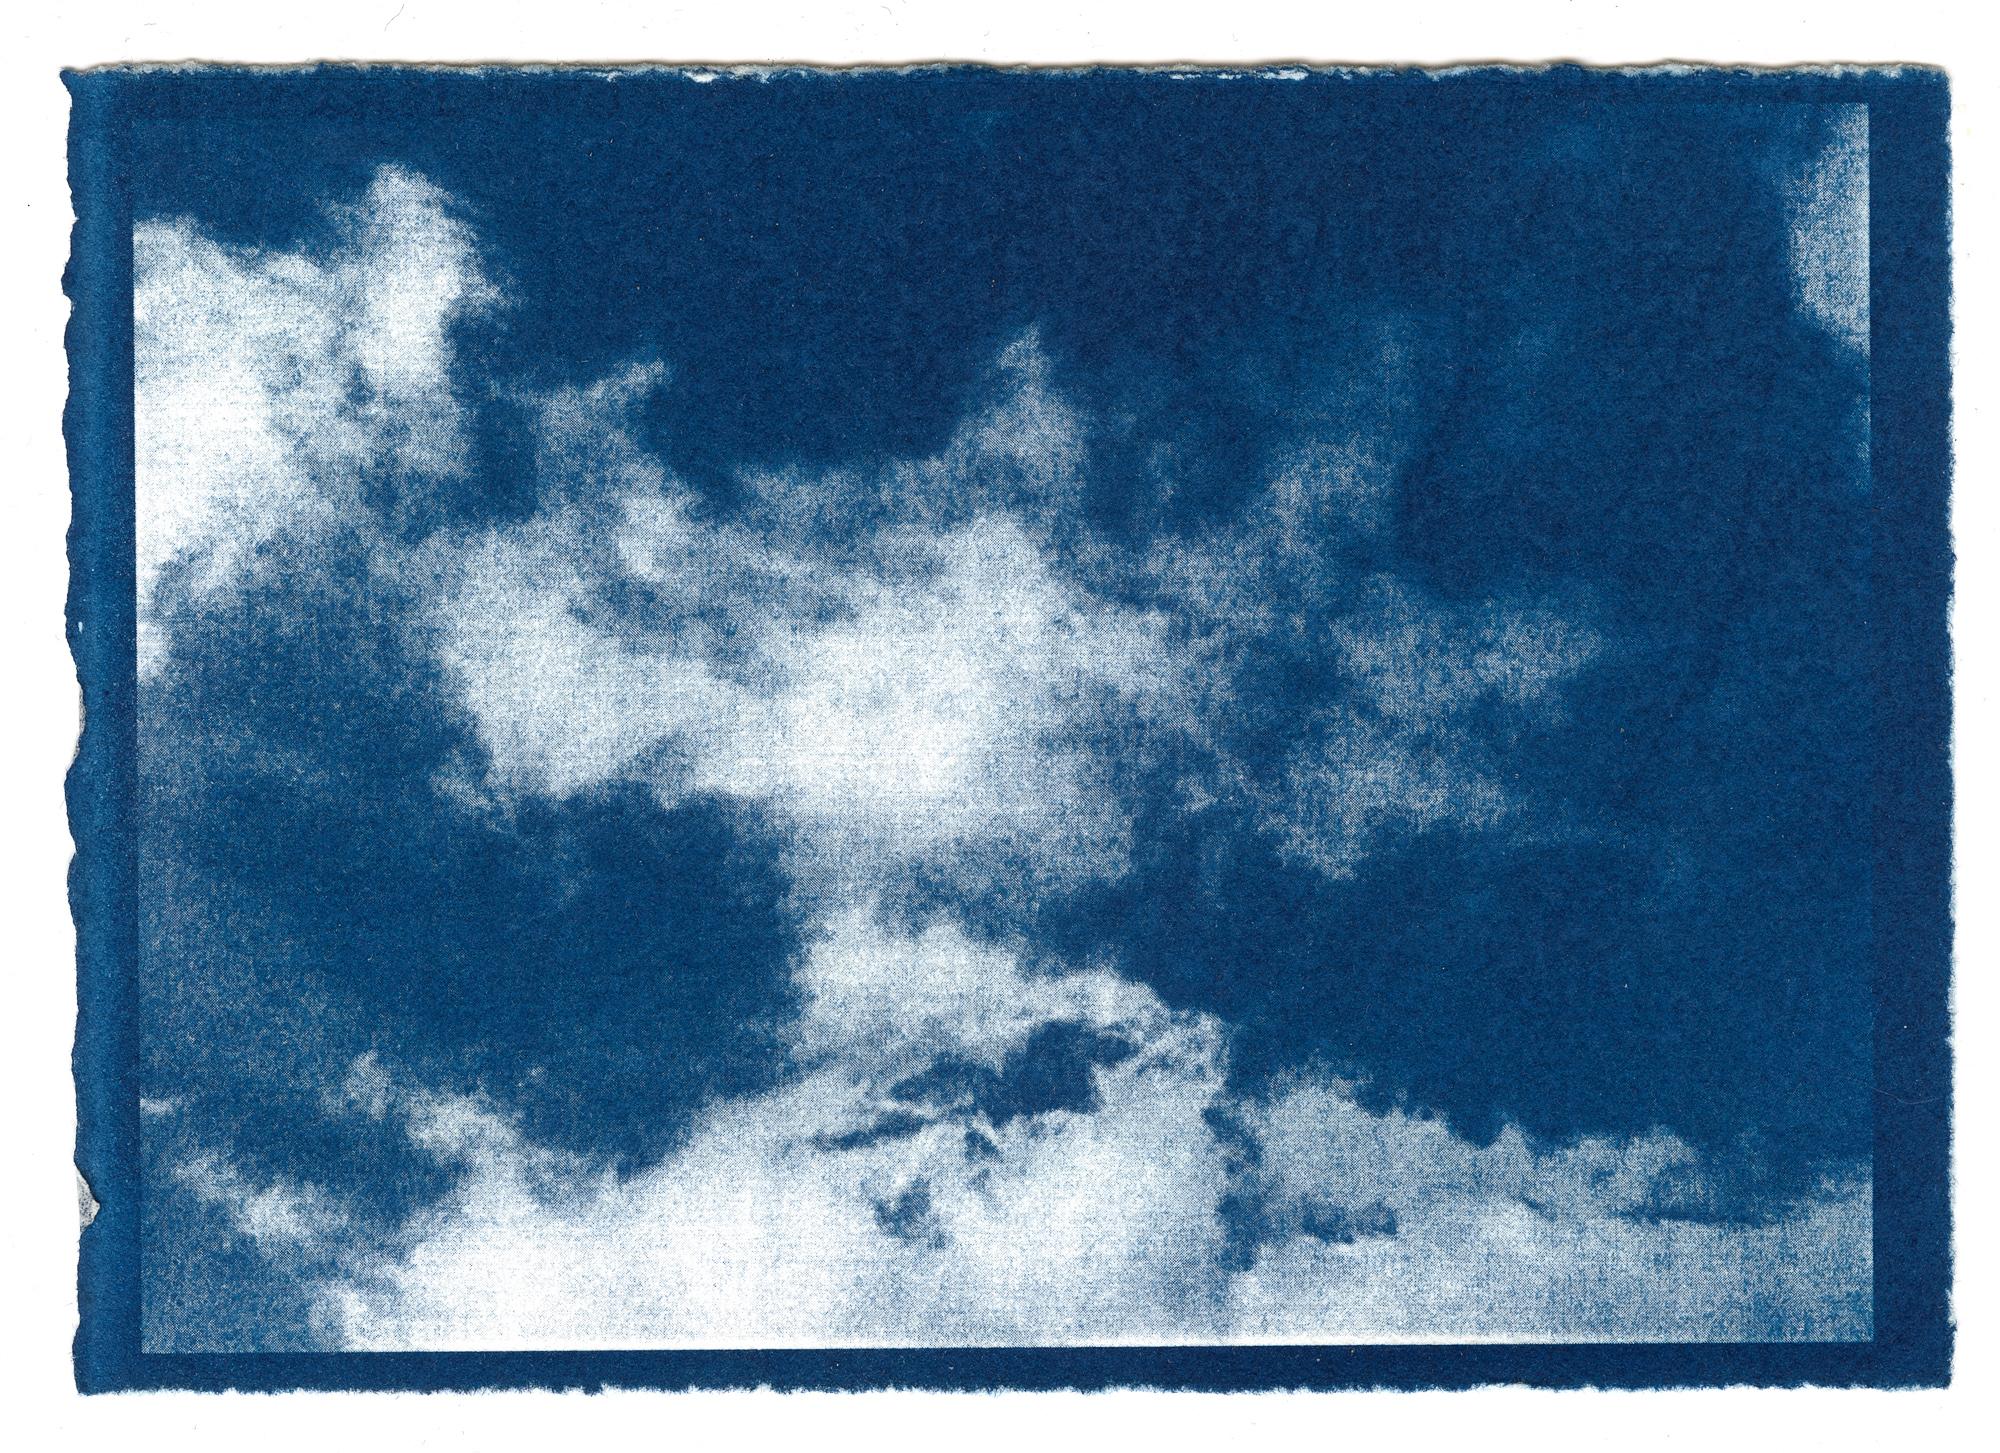 Sky 1 (34).jpg